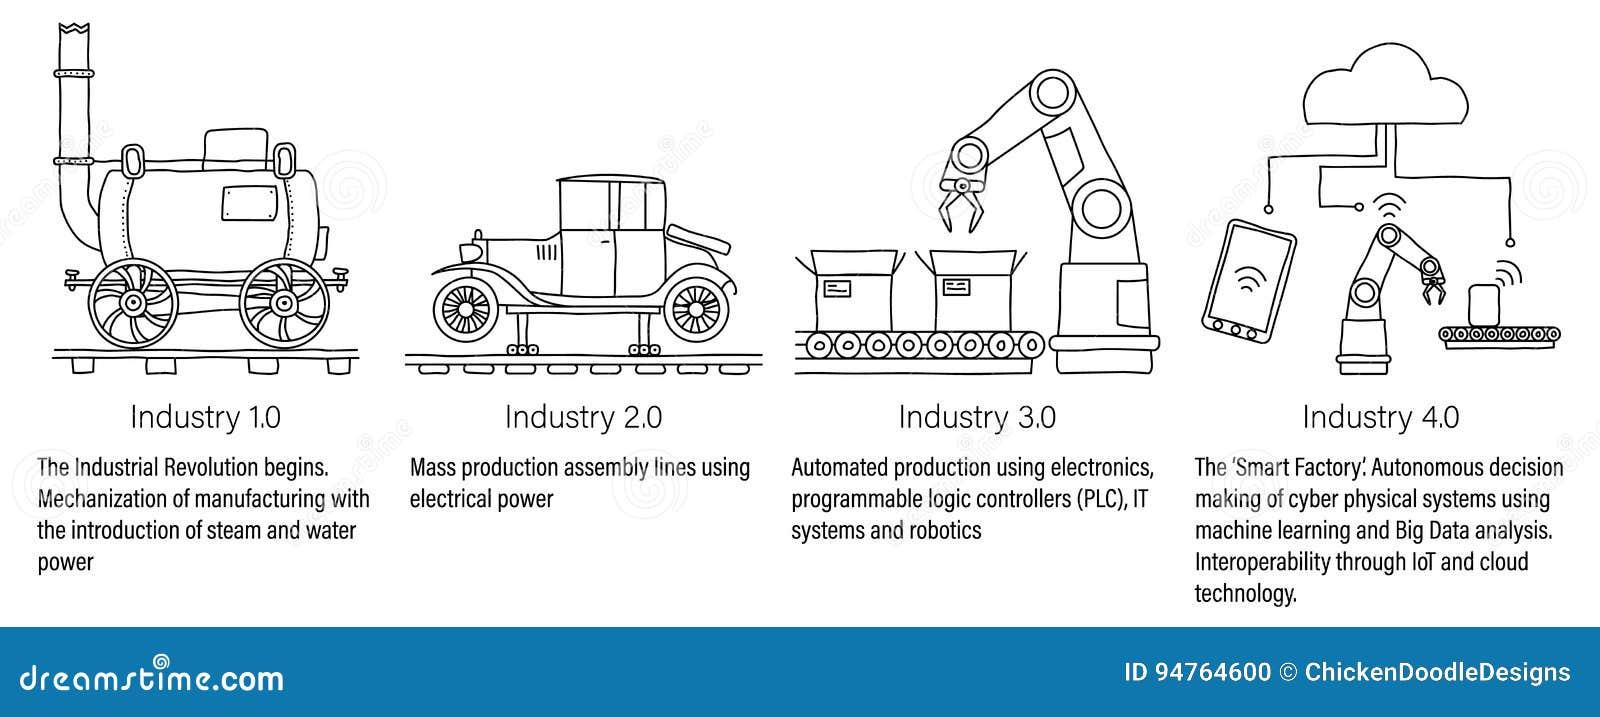 Industrie 4 0 infographic représentant les quatre Révolutions Industrielles dans la fabrication et l ingénierie Schéma non rempli